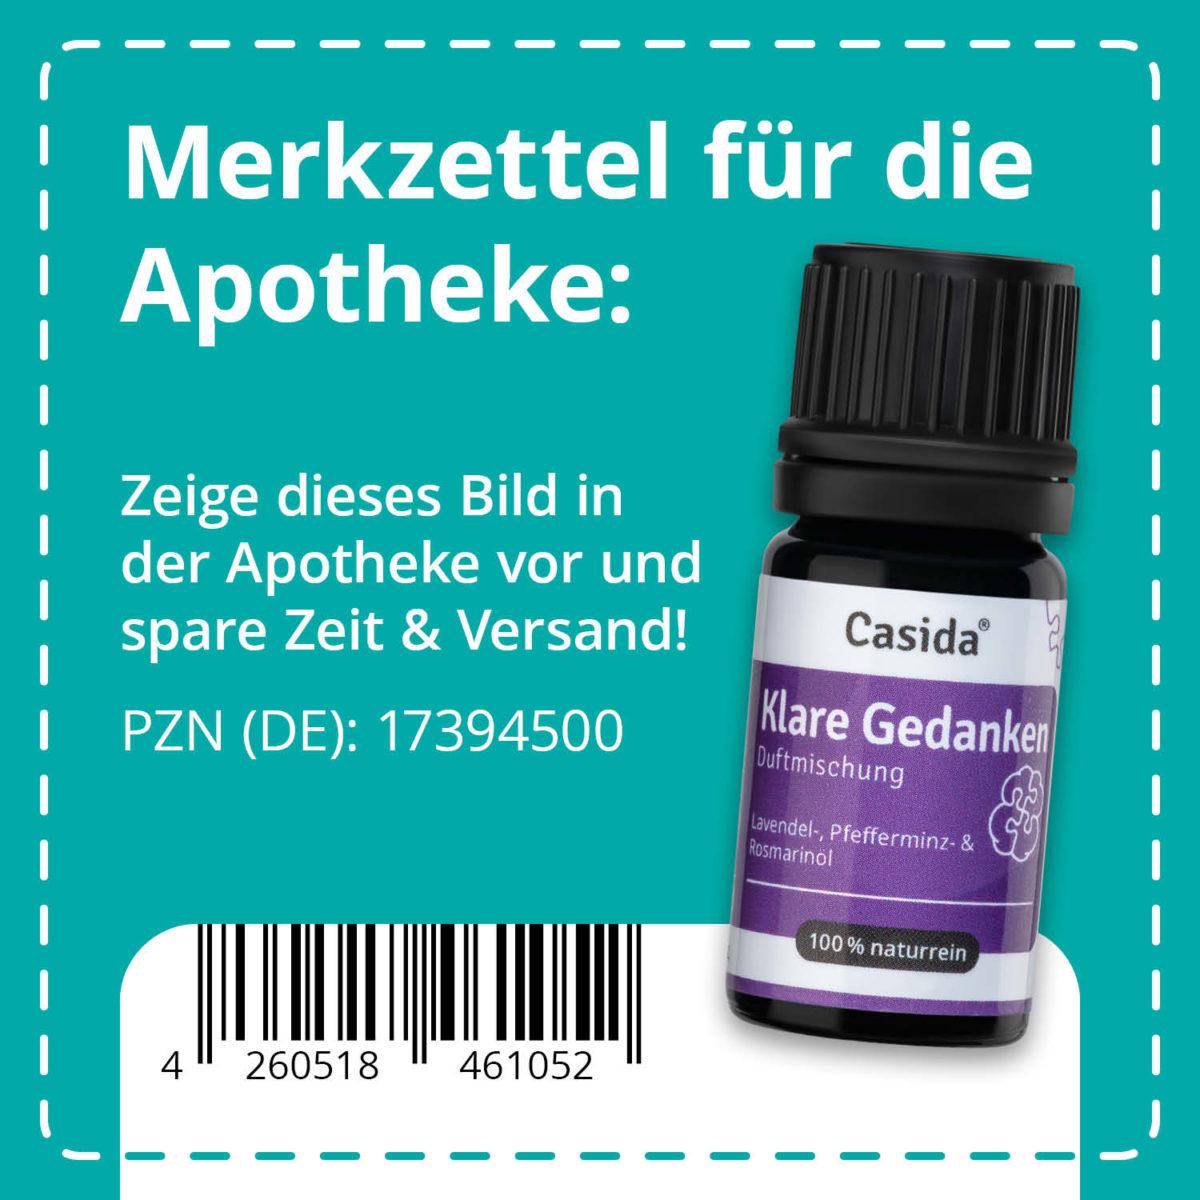 Casida Duftmischung Klare Gedanken - 5 ml 17394500 PZN Apotheke EAN 4260518461052